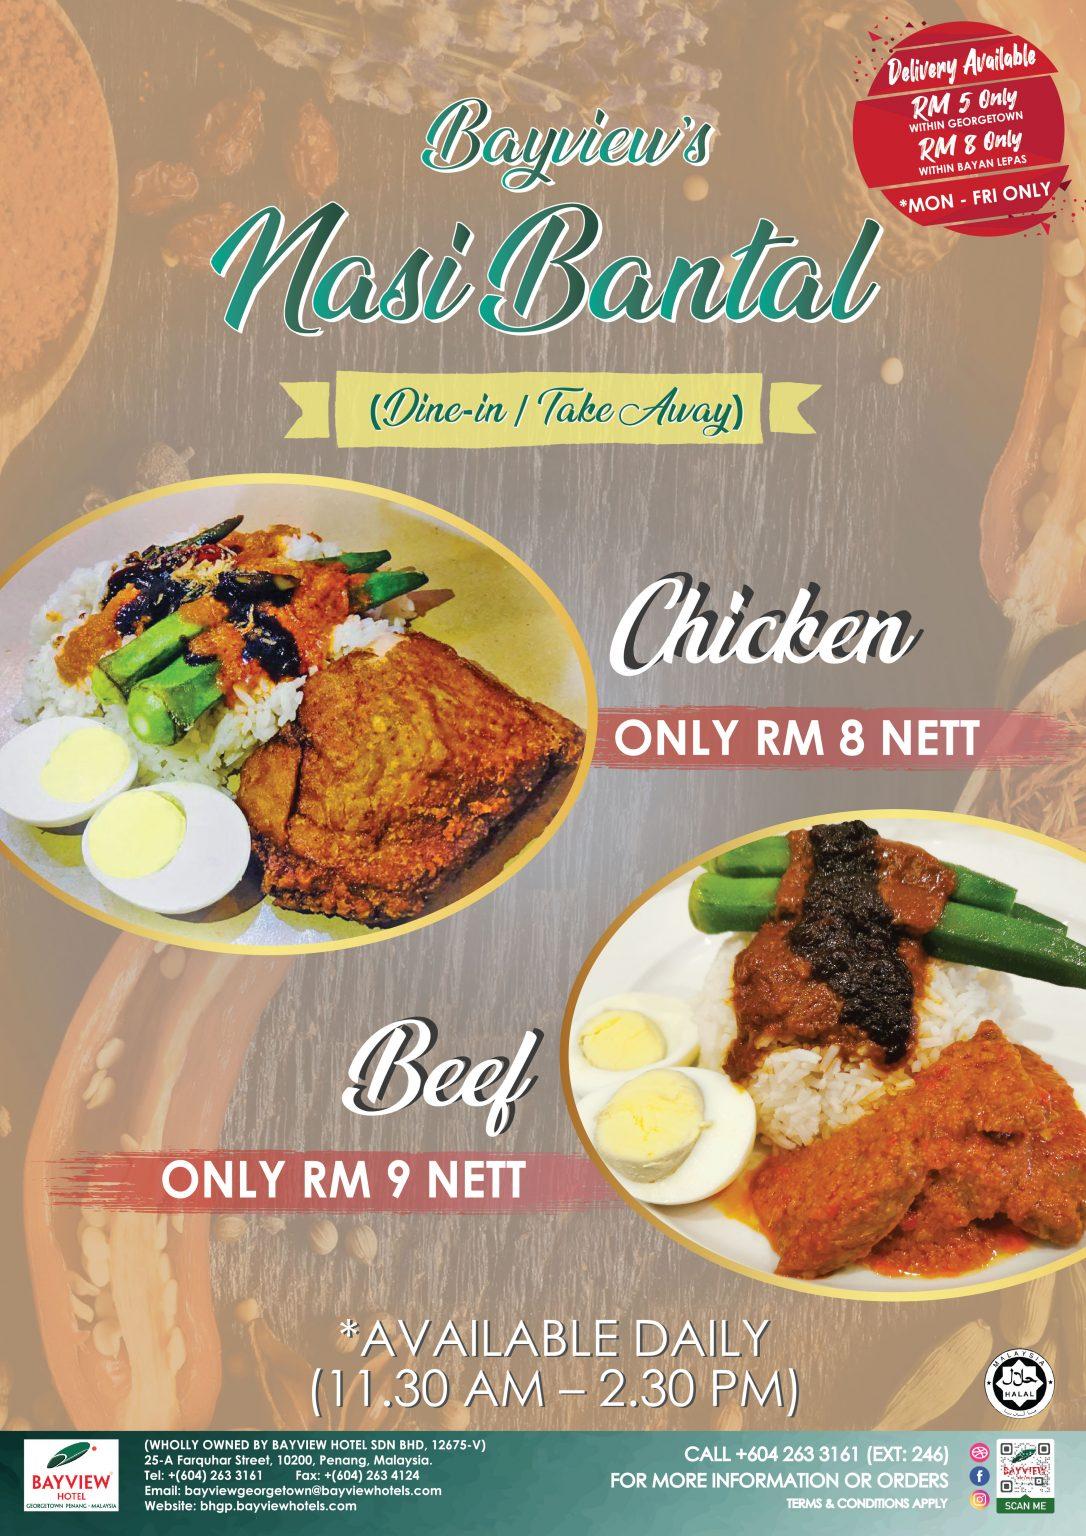 Nasi Bantal choices at bayview Hotel Georgetown Penang.